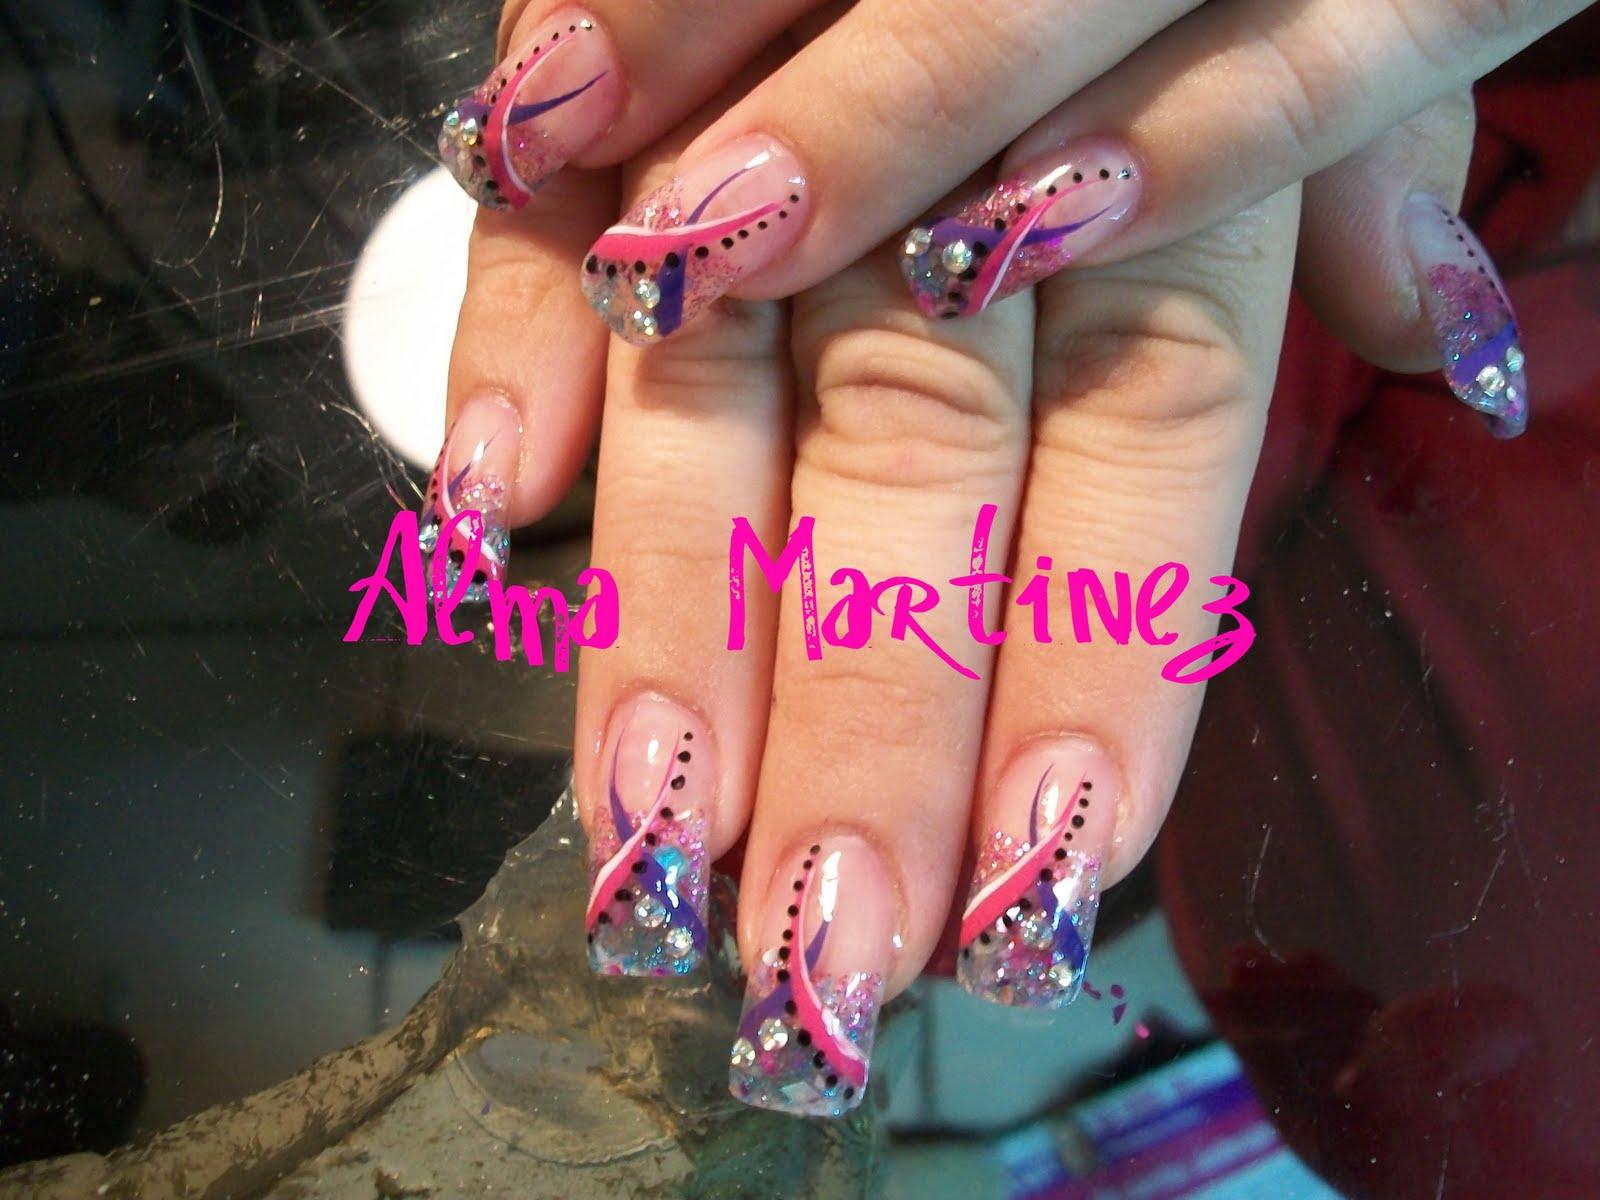 Hermosas uñas acrilicas con diseño, el etilo esta en el diseño.